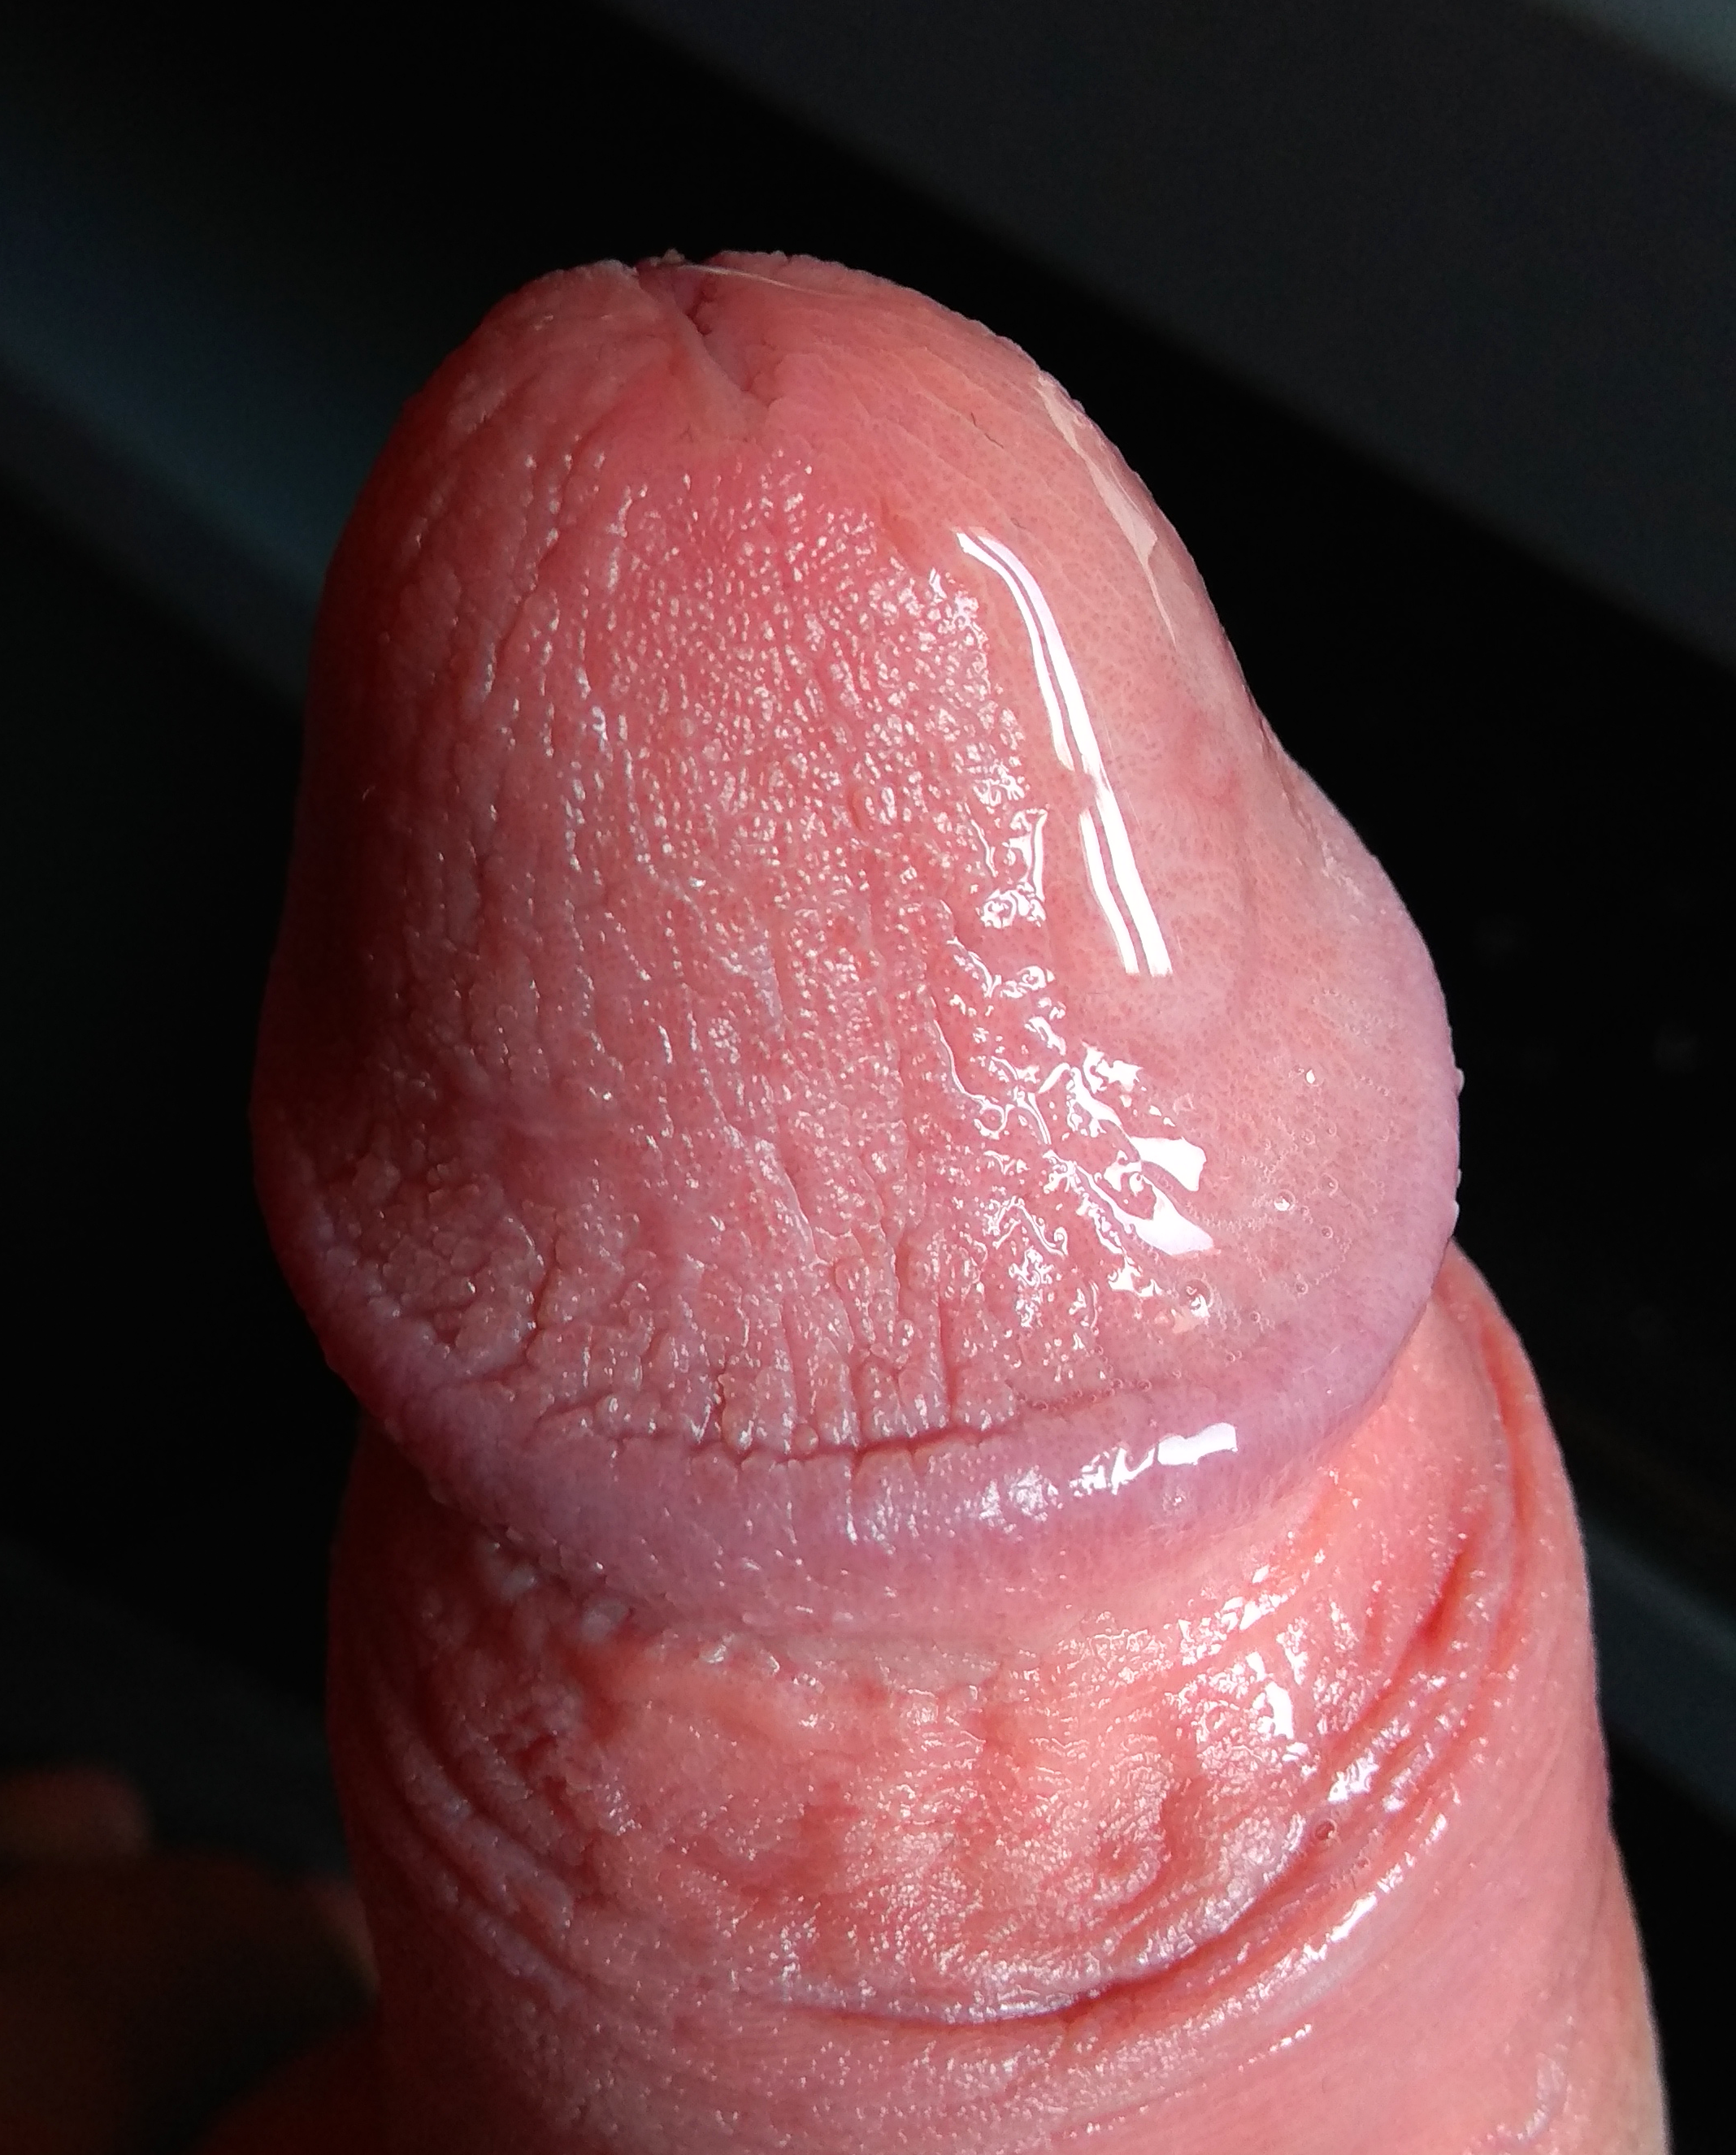 pattanások erekcióval a fején felmelegíti a péniszt